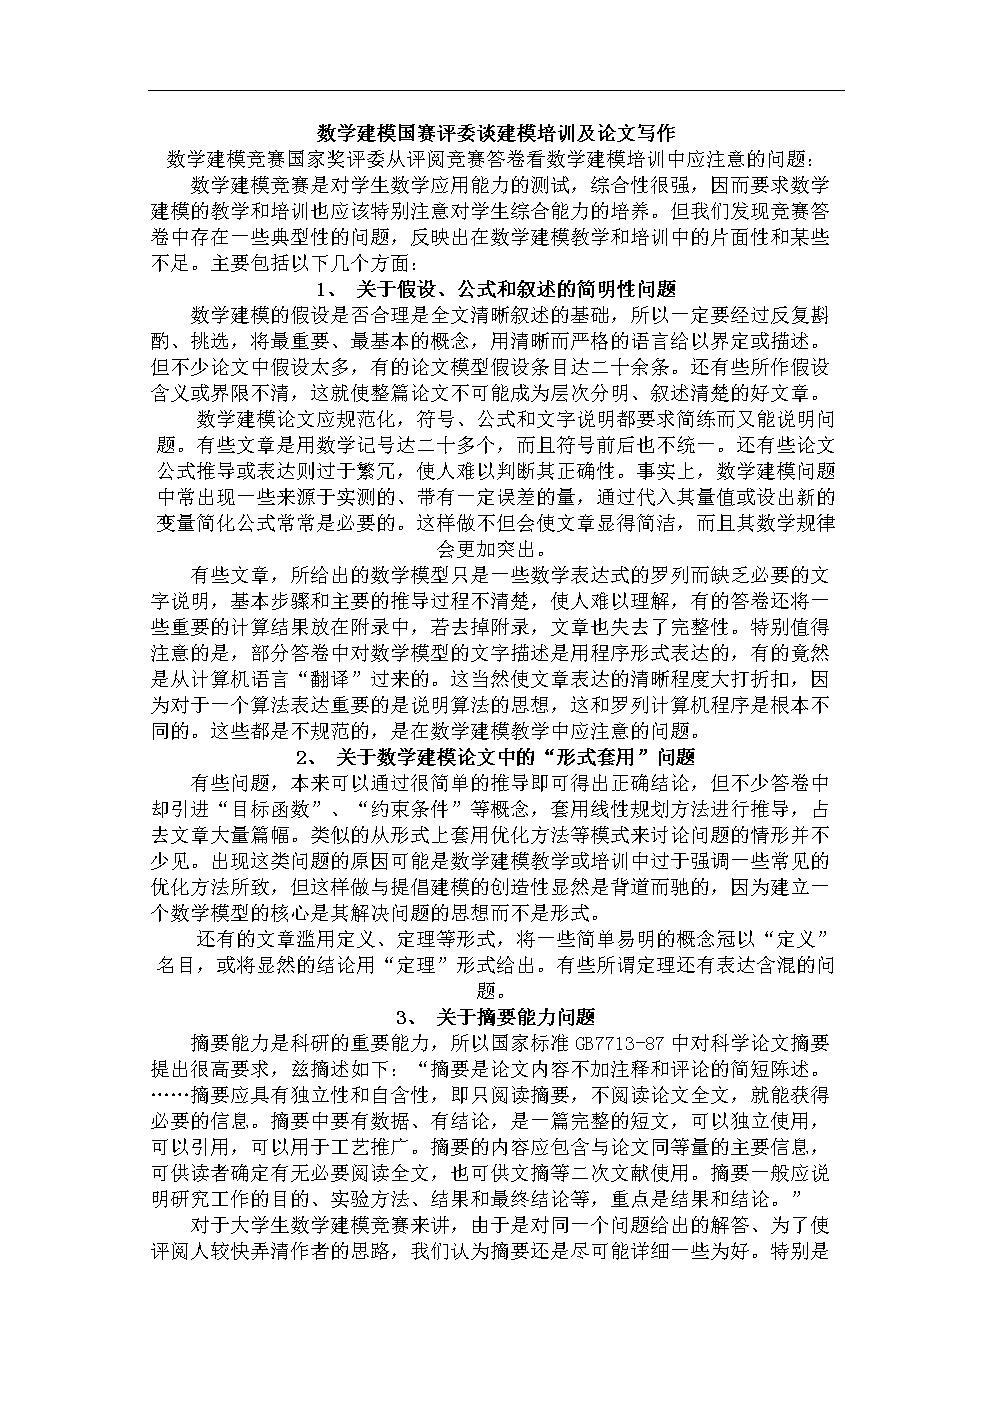 數學建模國賽評委談建模培訓及論文寫作.doc